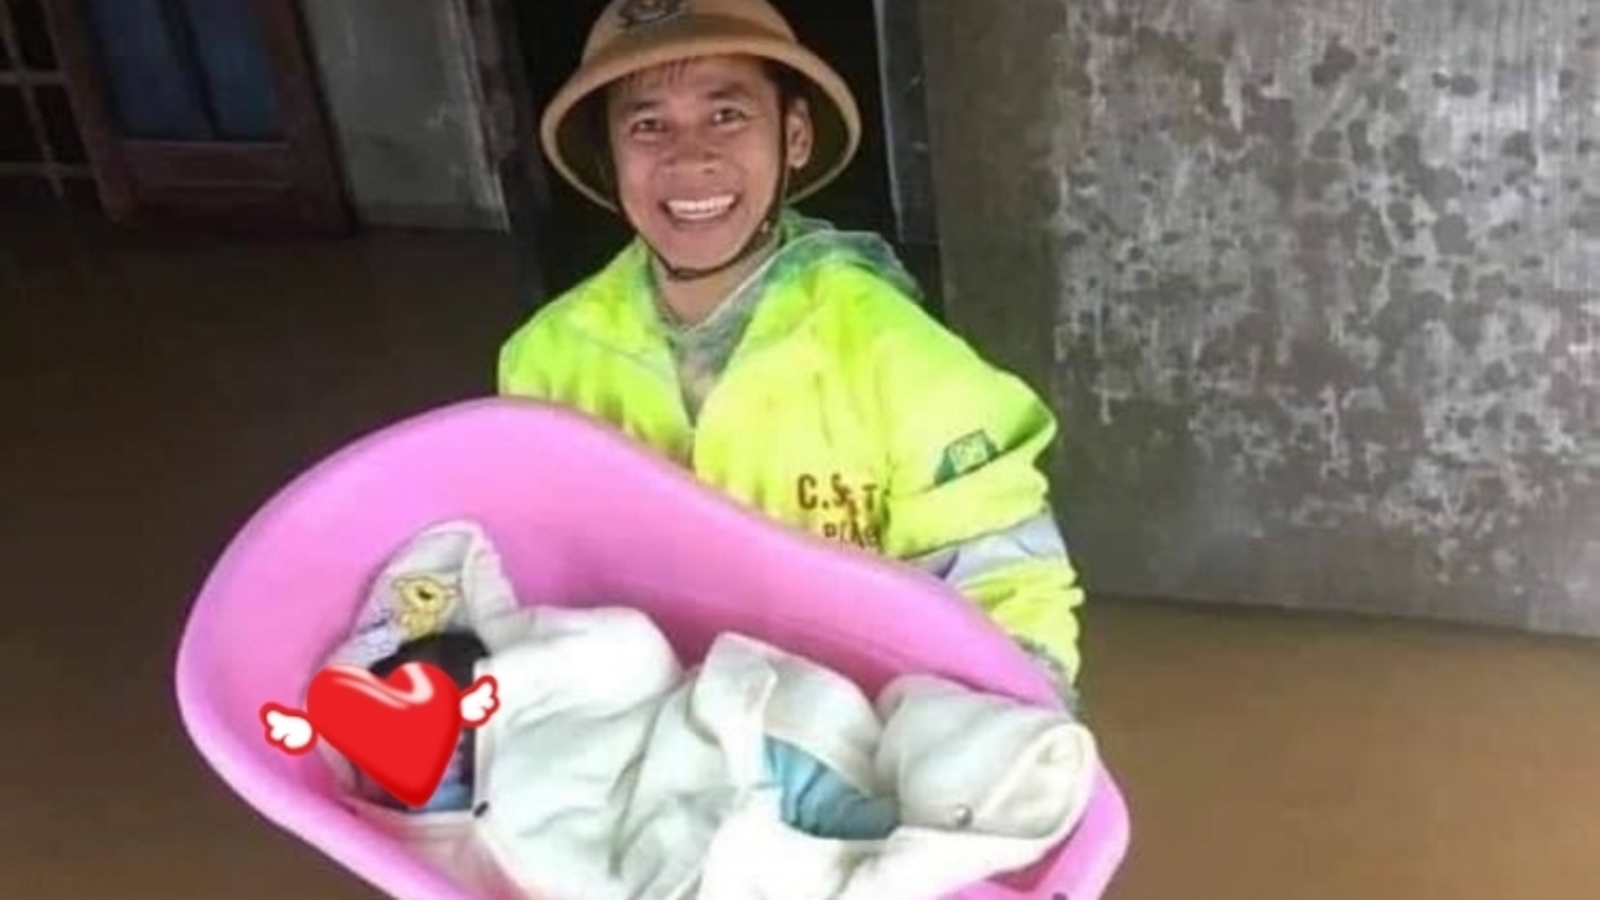 Nụ cười của chiến sĩ trẻ giải cứu em bé khỏi nhà ngập lụt: Tình quân dân thật ấm áp